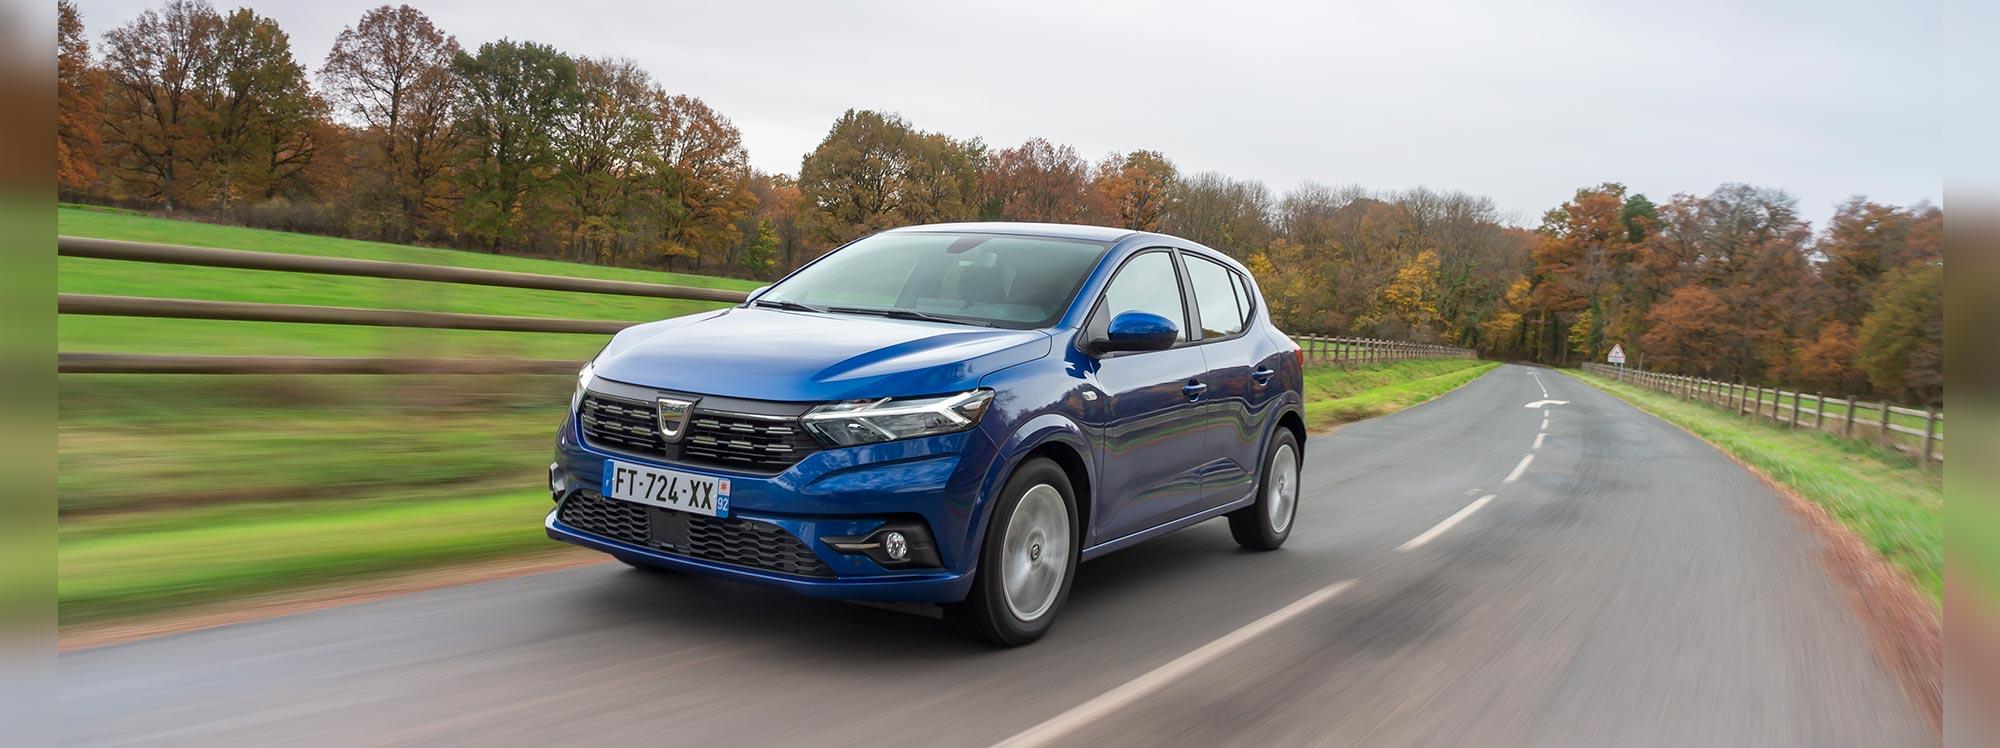 Esta es la marca que hizo posible los modelos más icónicos de Renault